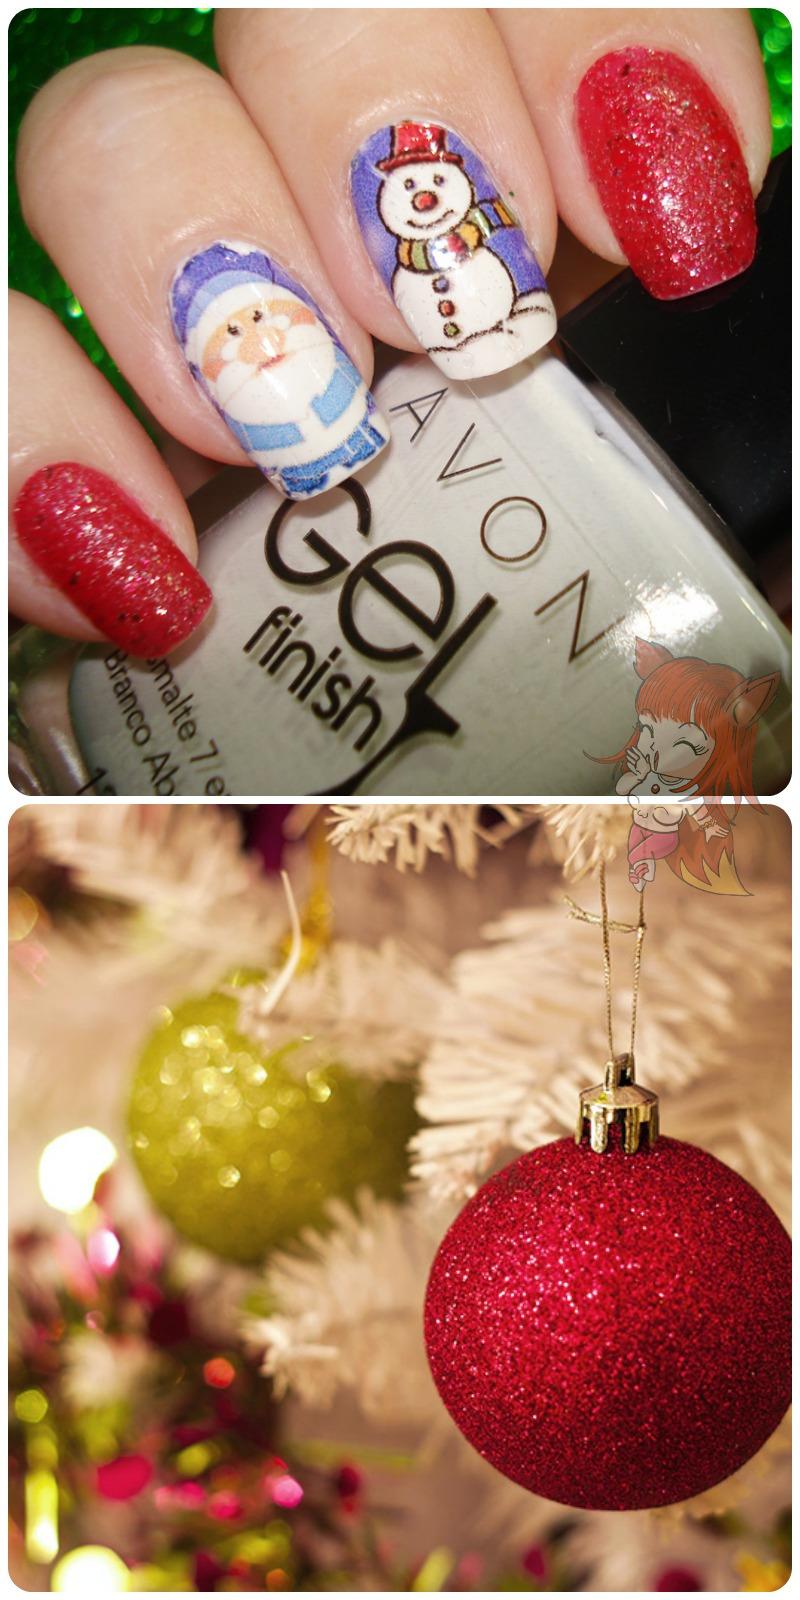 Esmalte Anita Dance Musica + Avon Branco Absoluto - Especial de Natal